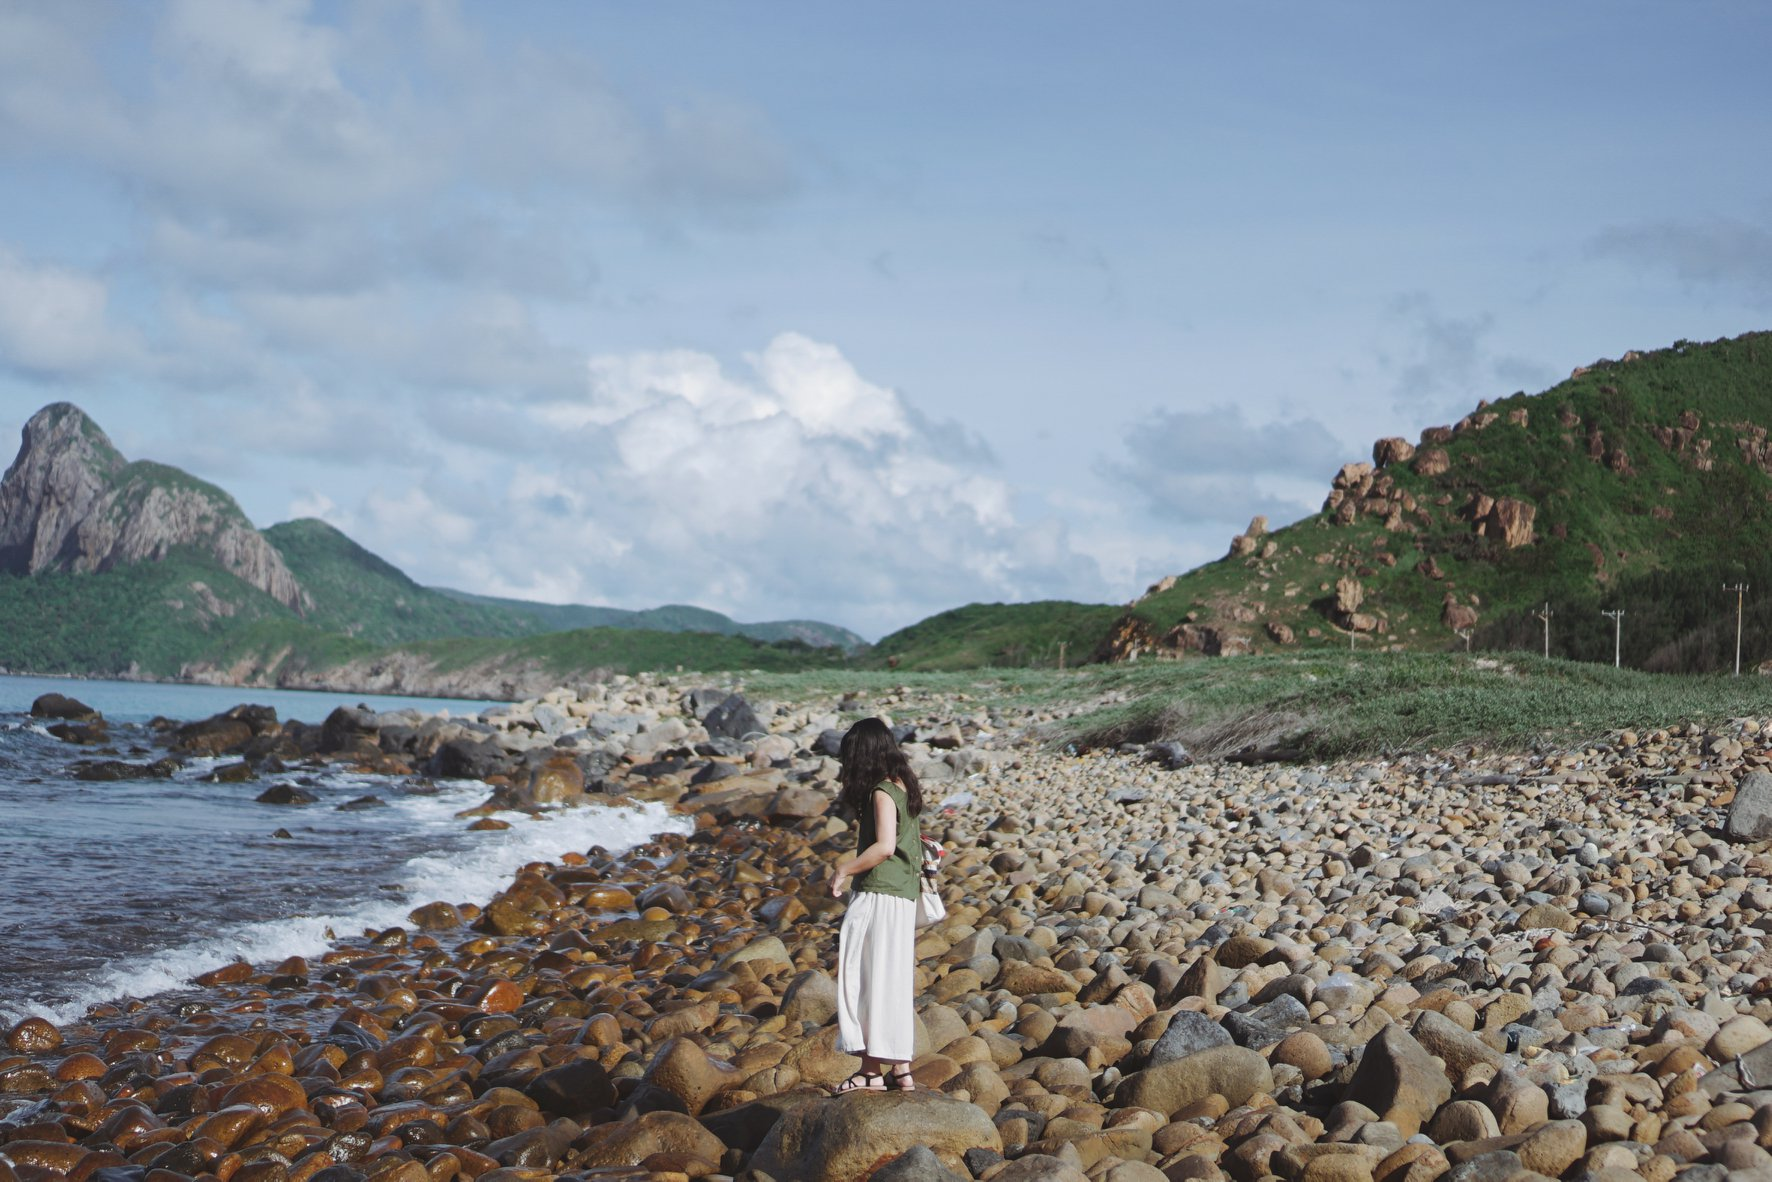 Bãi đá ở Côn Đảo. Hình: Huynh Thanh Phuong Anh